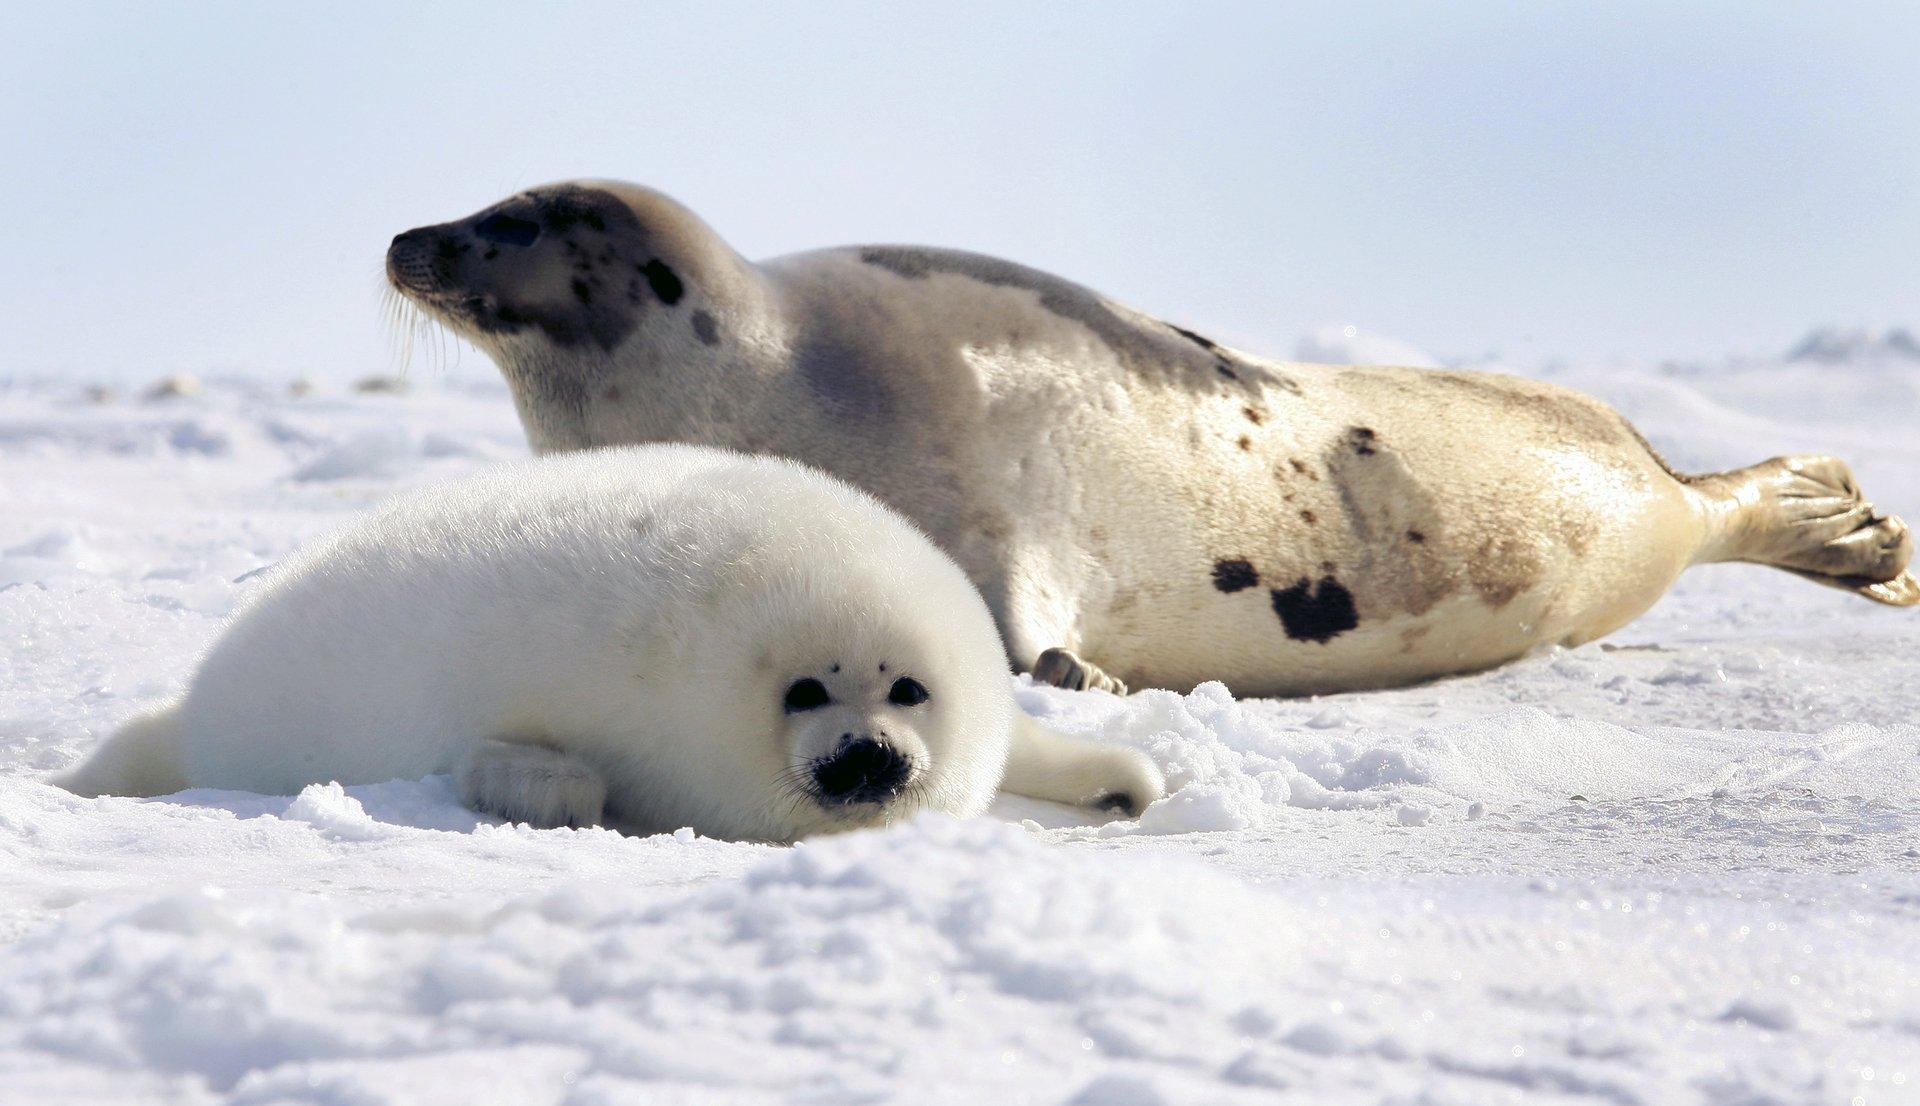 несмотря травму, фото гренландского тюленя что